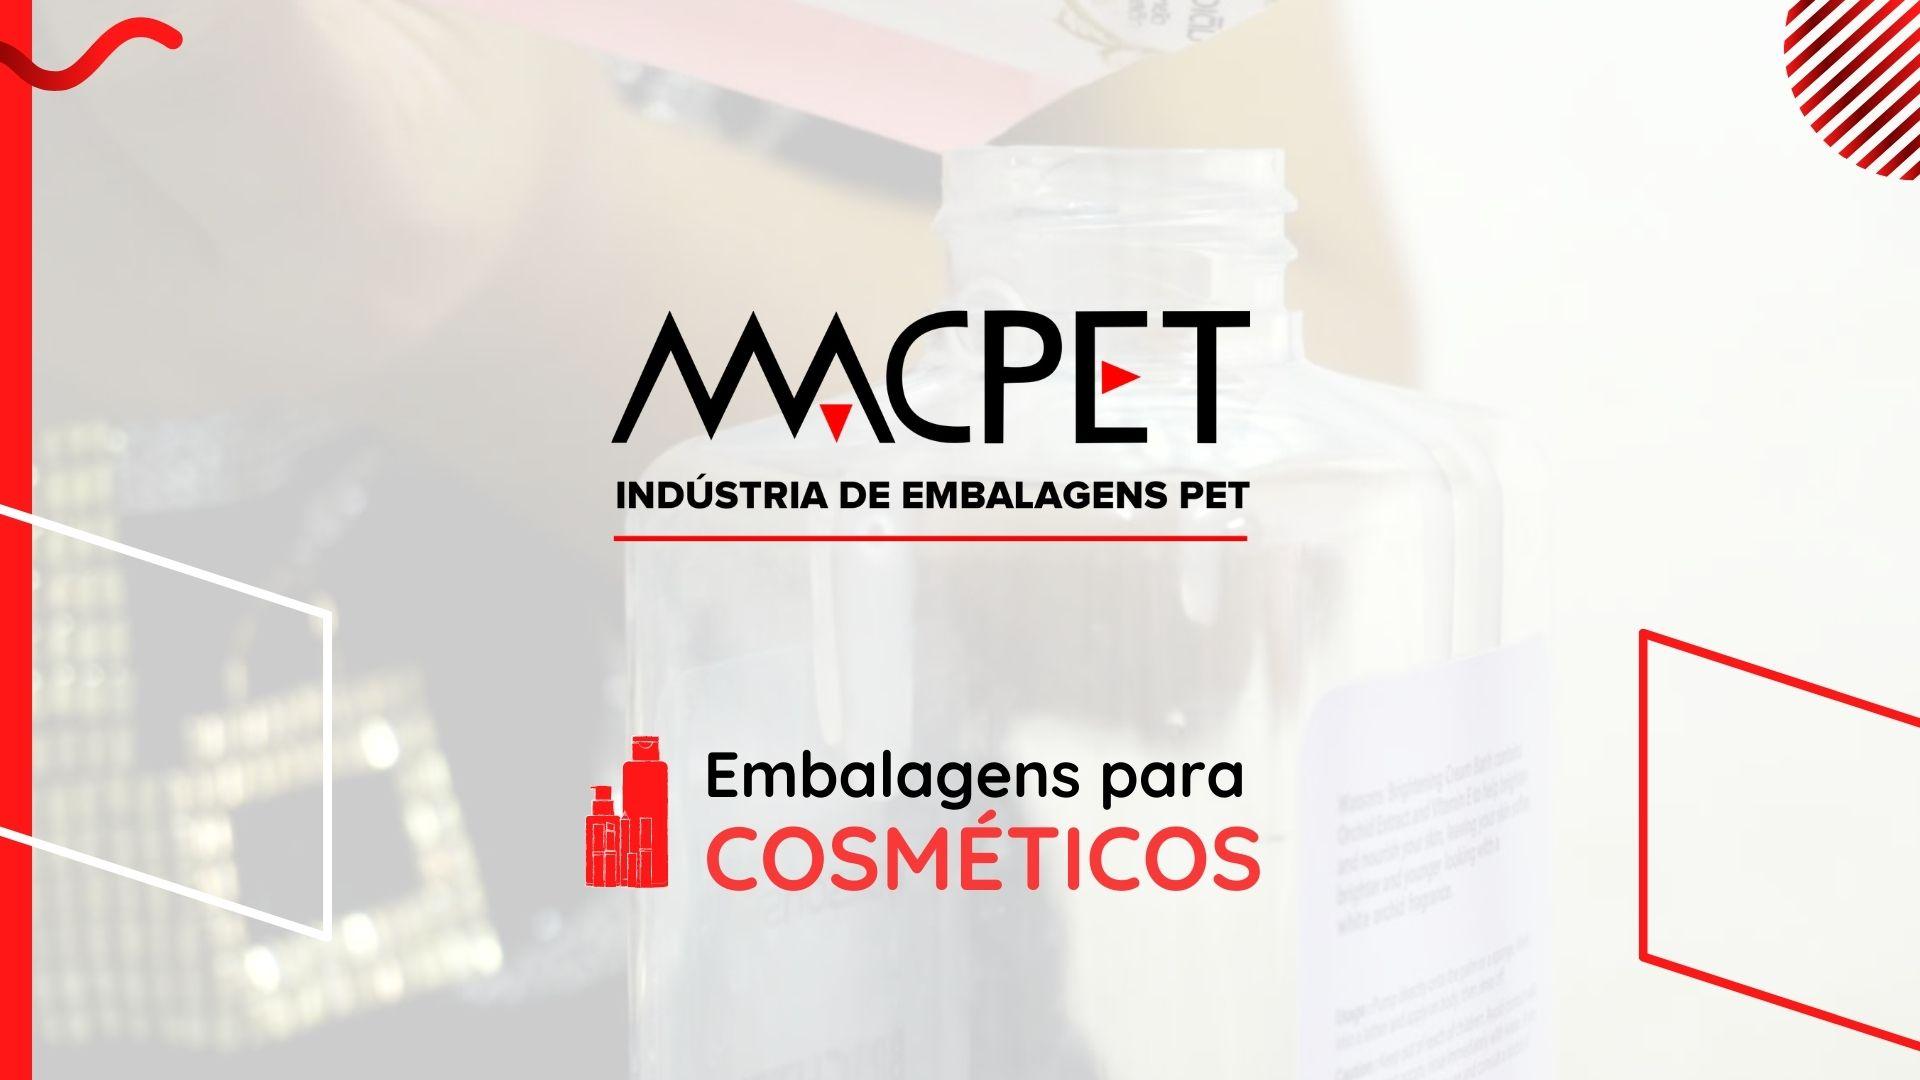 Apresentação Cosméticos - Macpet